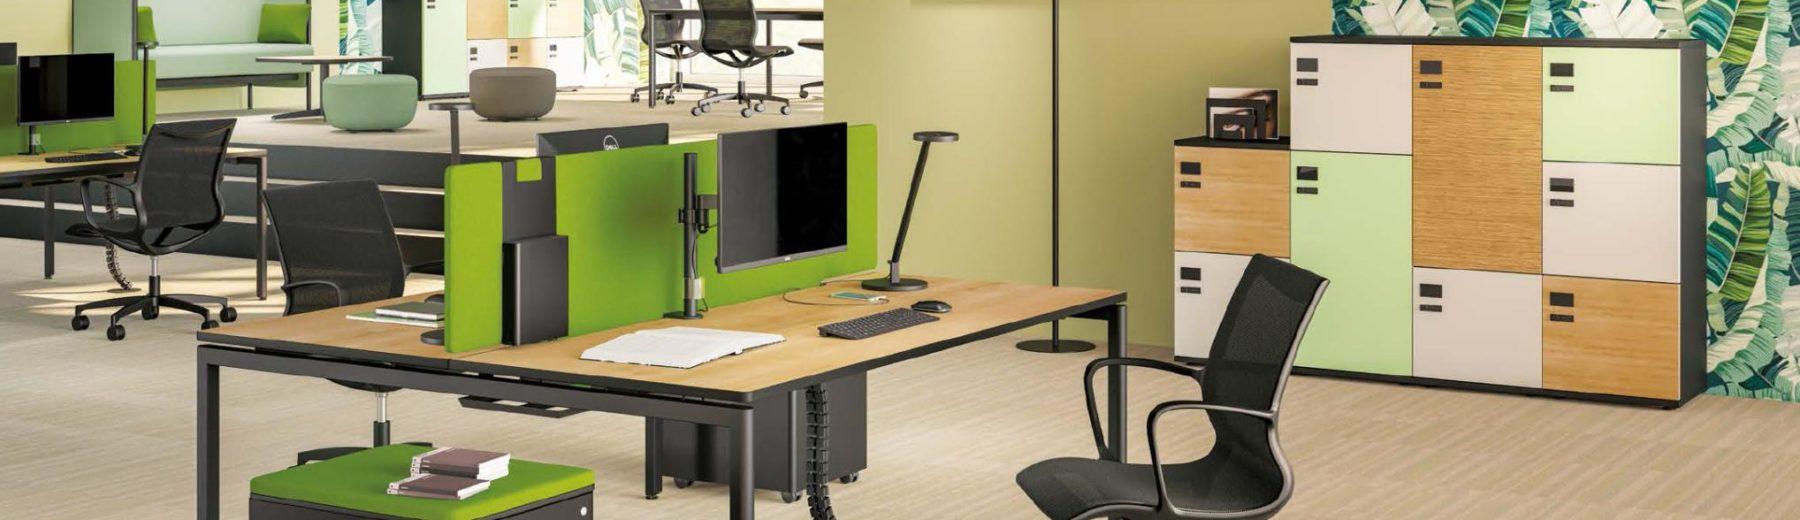 mobilier de bureau annecy dynamic